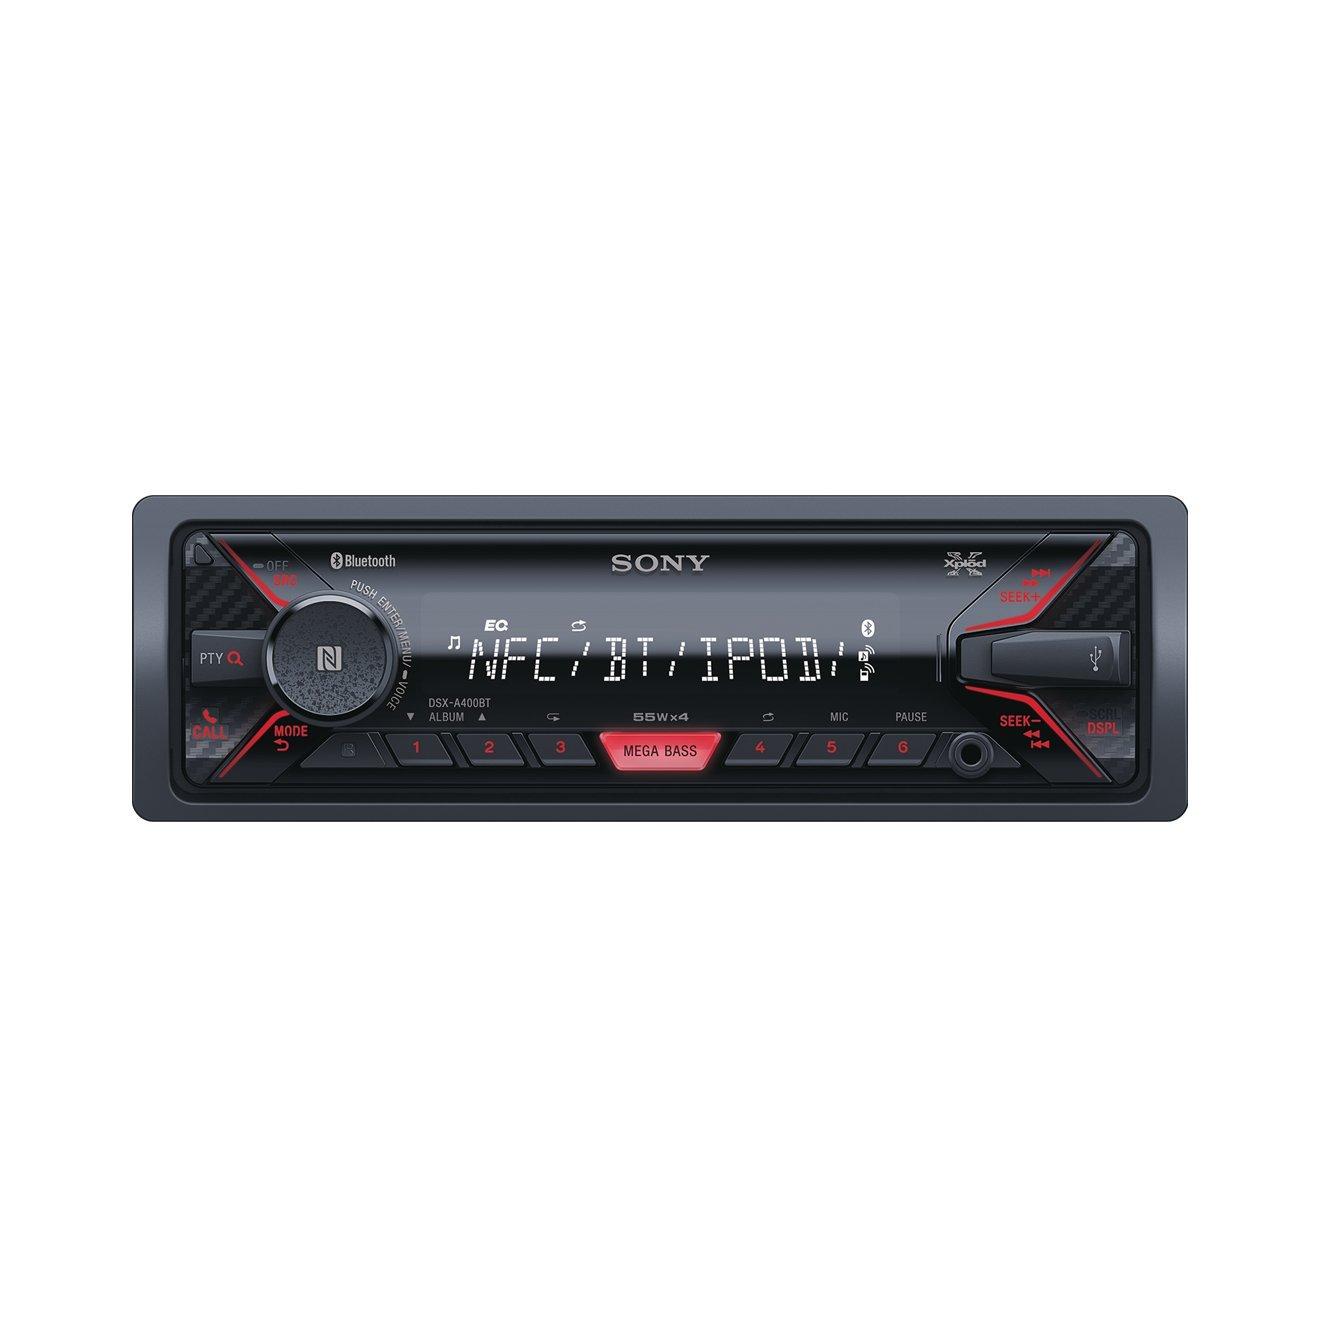 Sony DSX-A400BT Mechaless Autoradio schwarz: Amazon.de: Elektronik